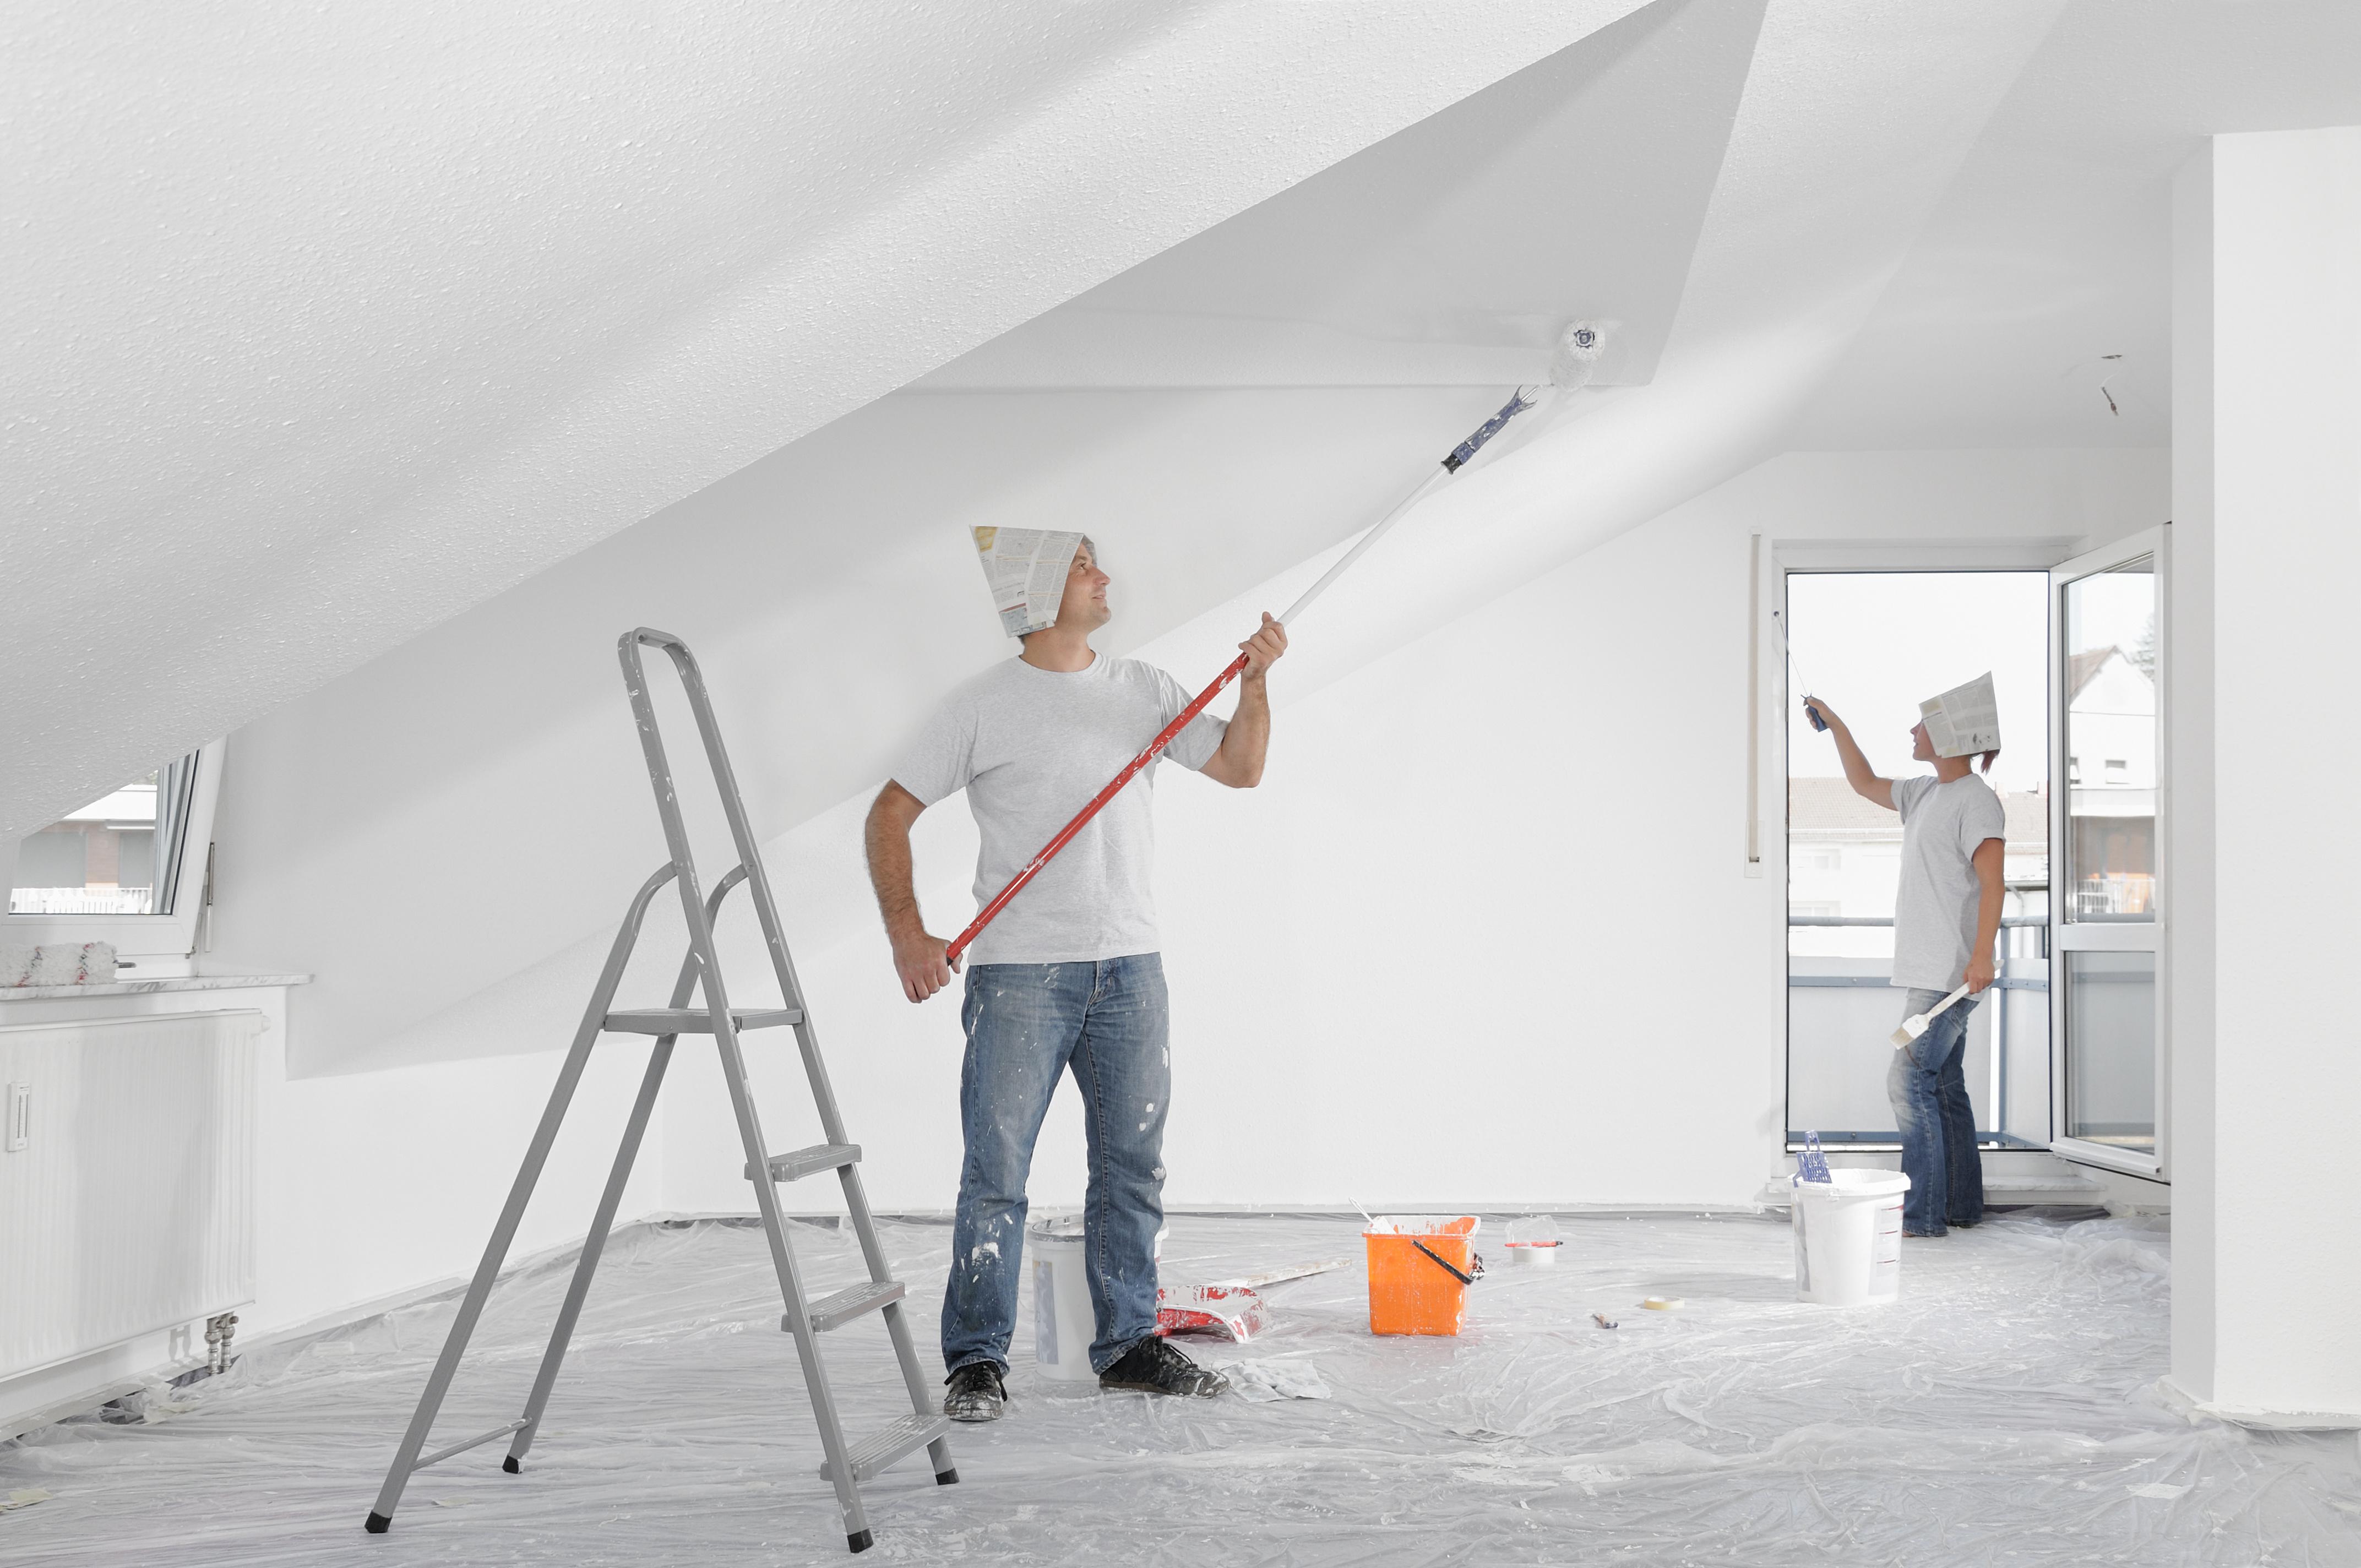 Jakie mieszkanie kupić? Z rynku wtórnego do remontu, czy z rynku pierwotnego w stanie deweloperskim?